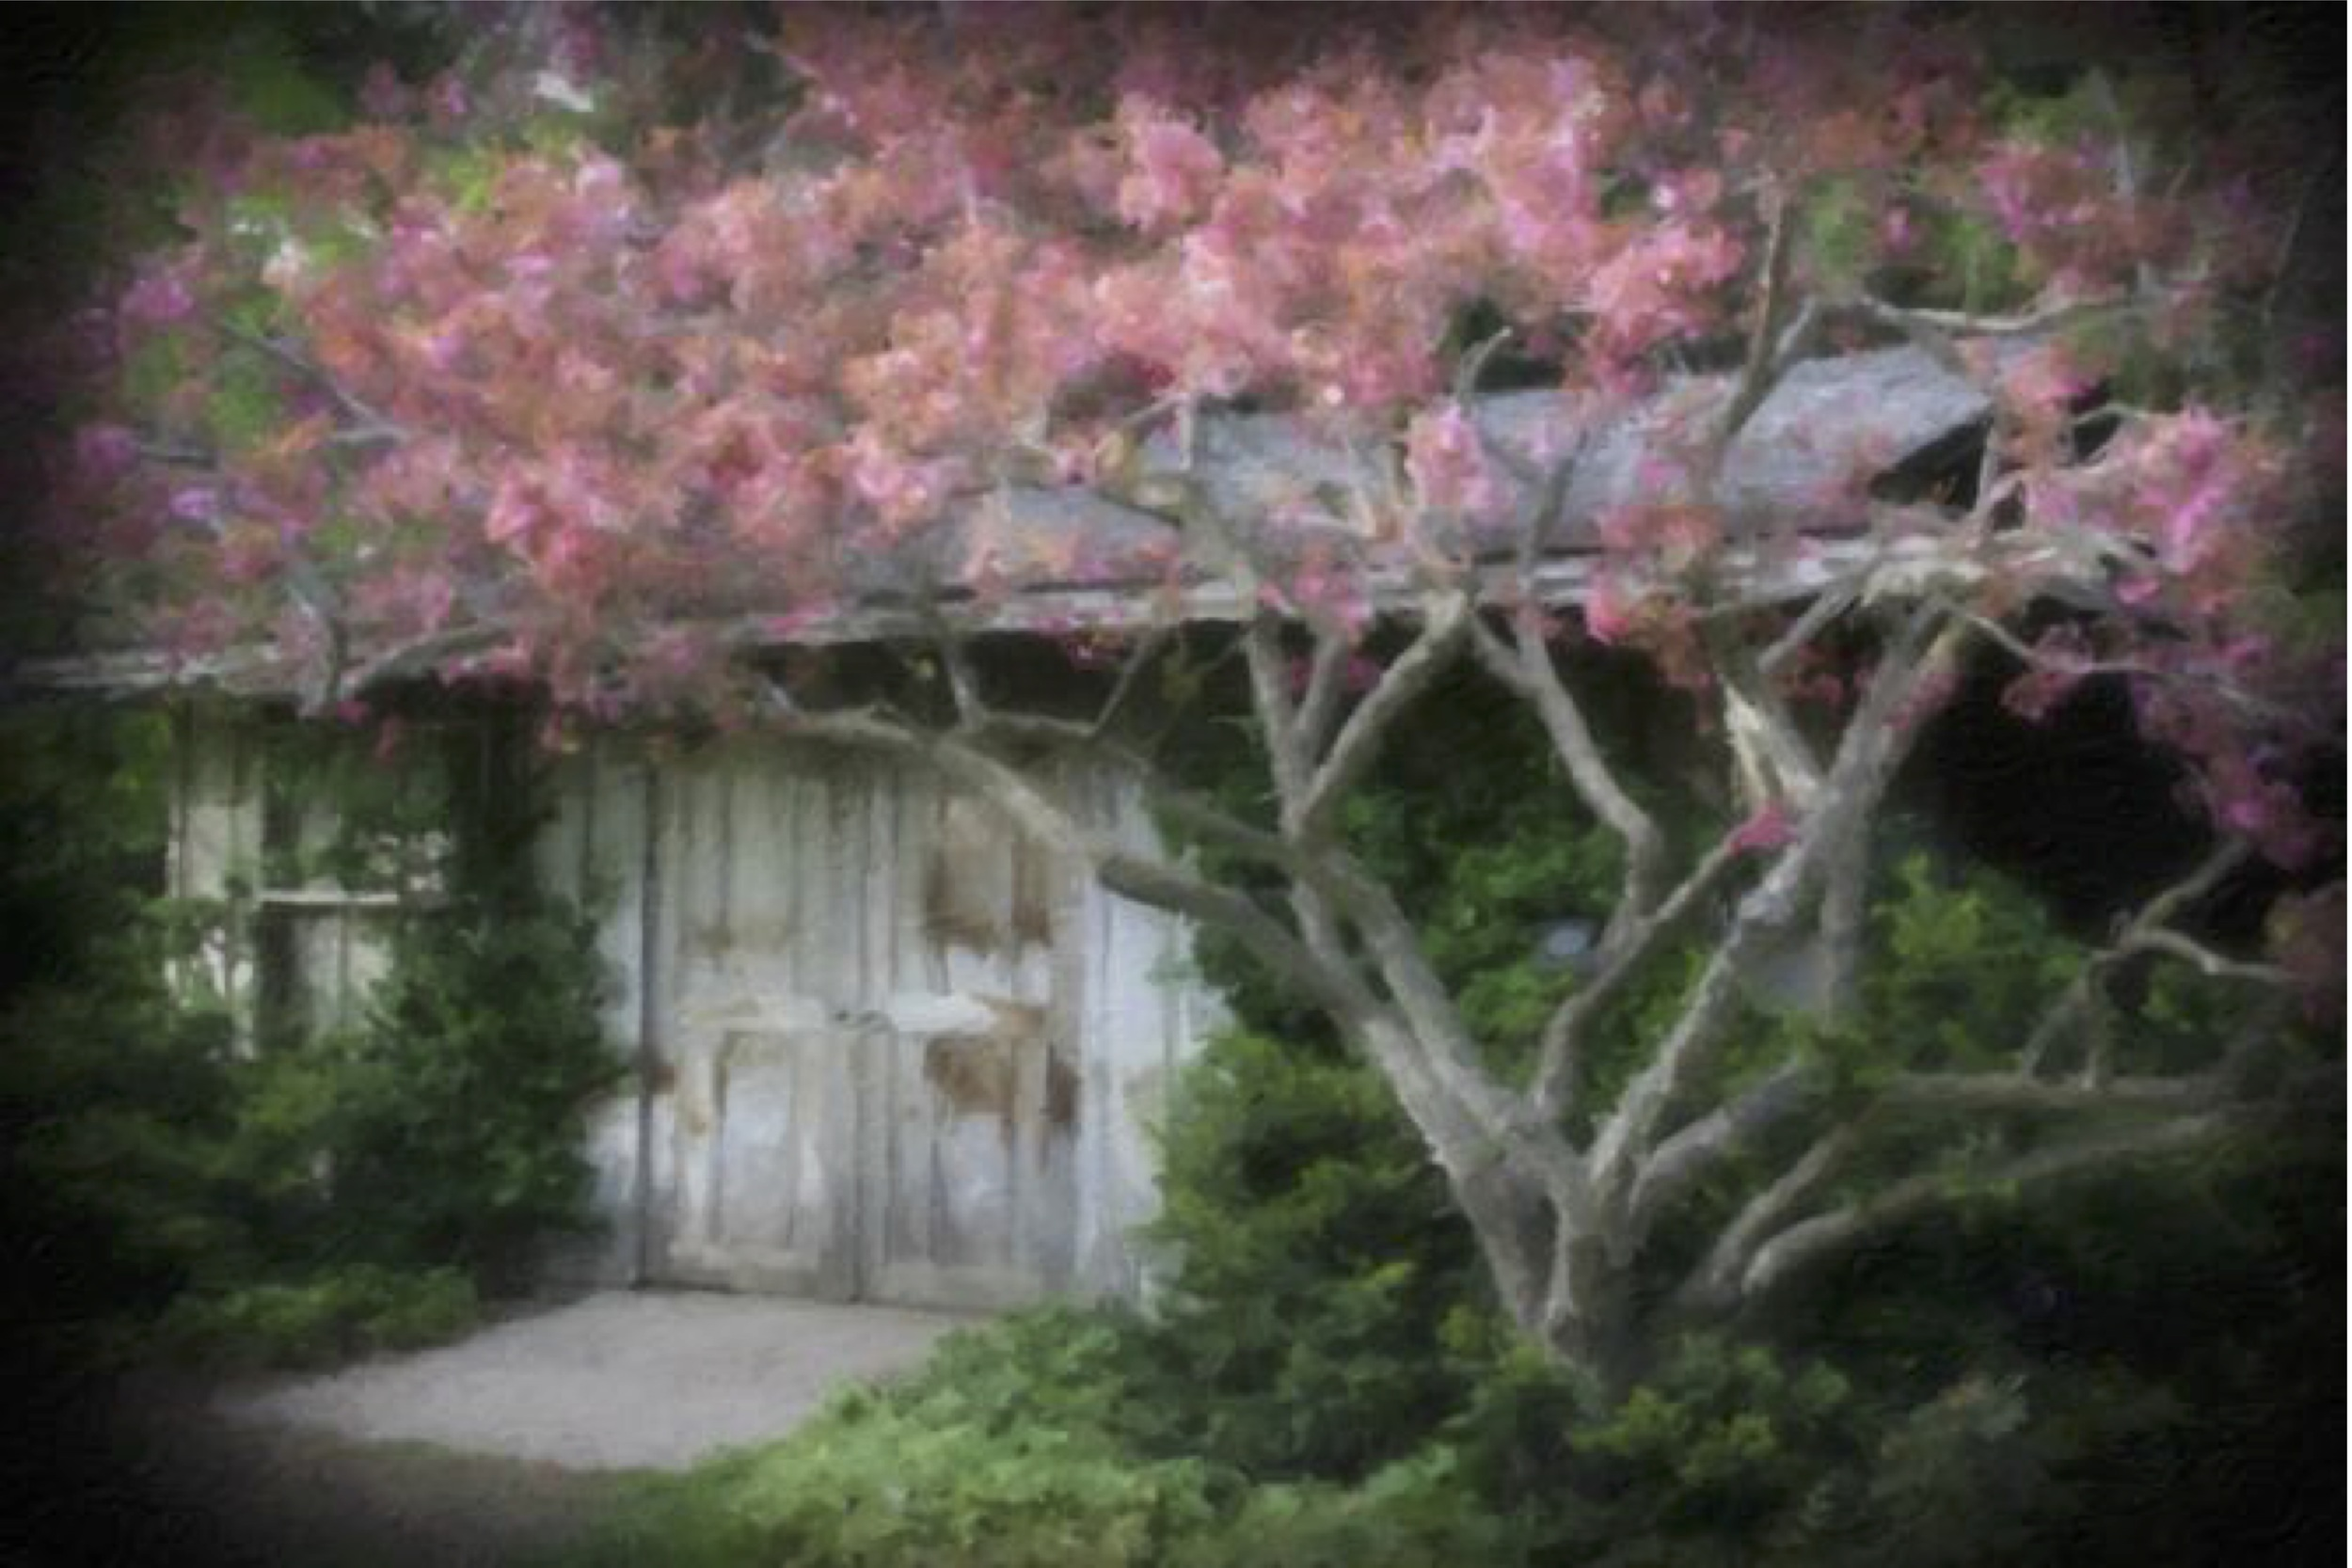 The Tree House - 9x12 - 470.jpeg